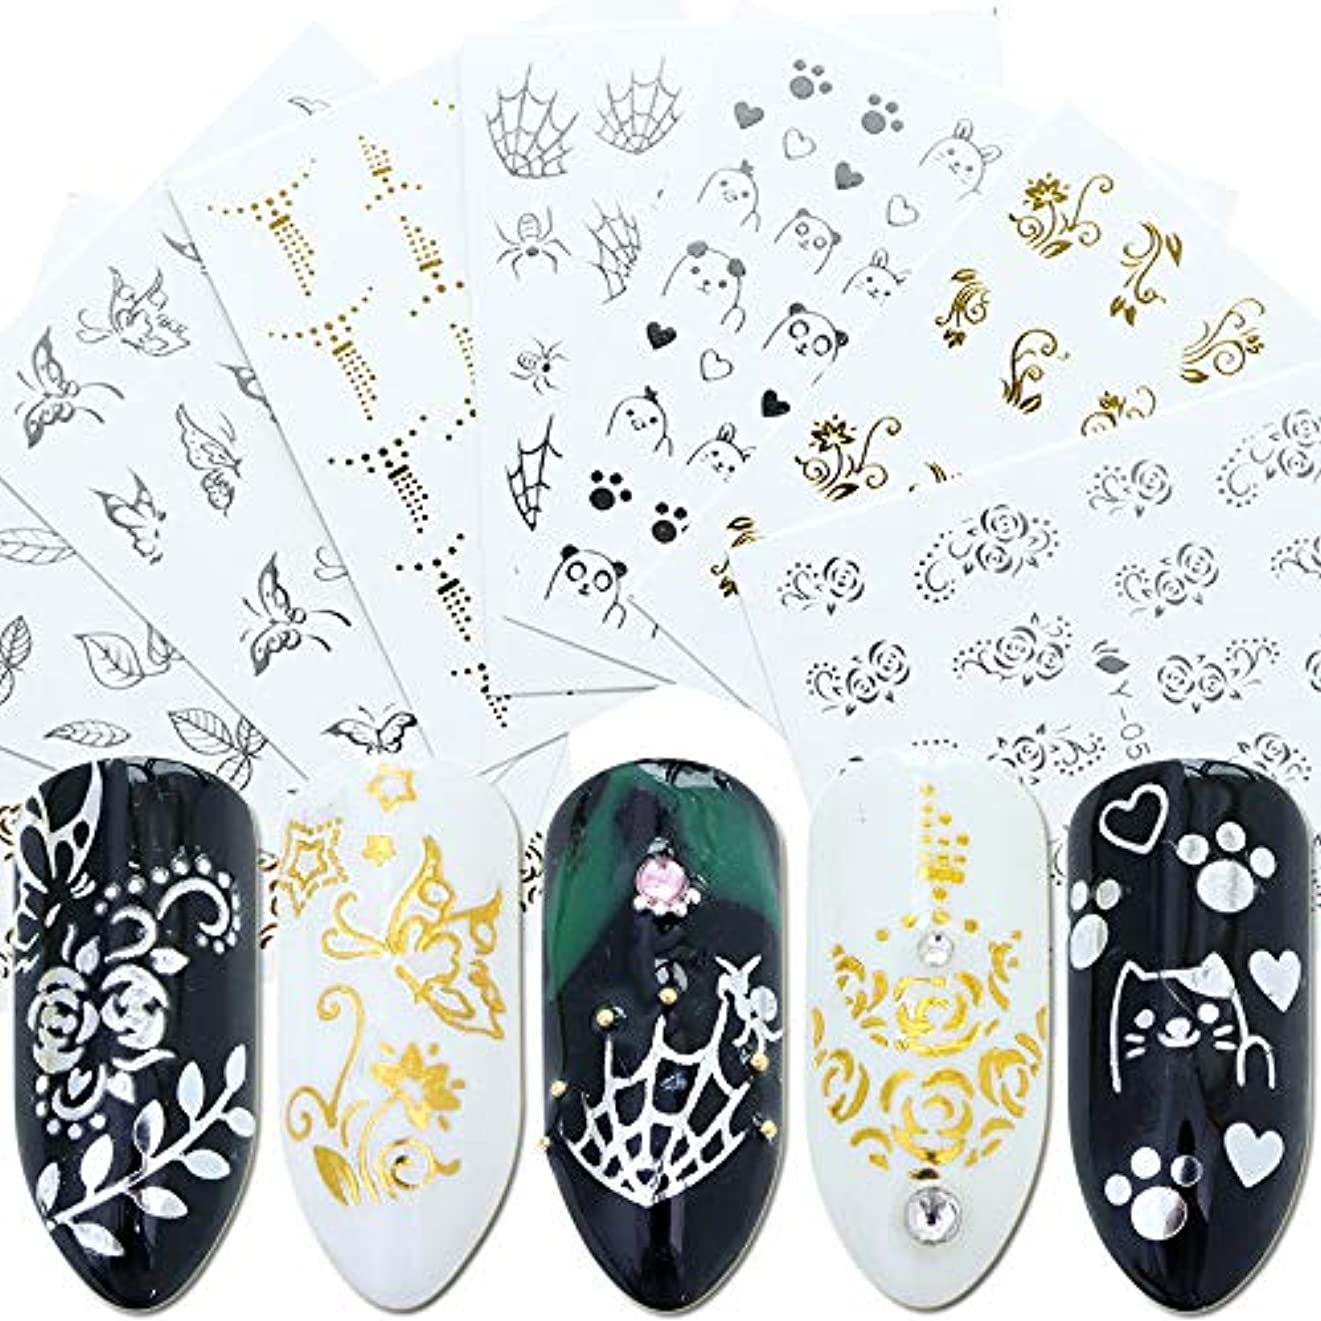 成功上流の程度SUKTI&XIAO ネイルステッカー 30個ネイルステッカー透かしデカールゴールドシルバー幾何スライダータトゥー光沢のあるラップマニキュア接着剤装飾